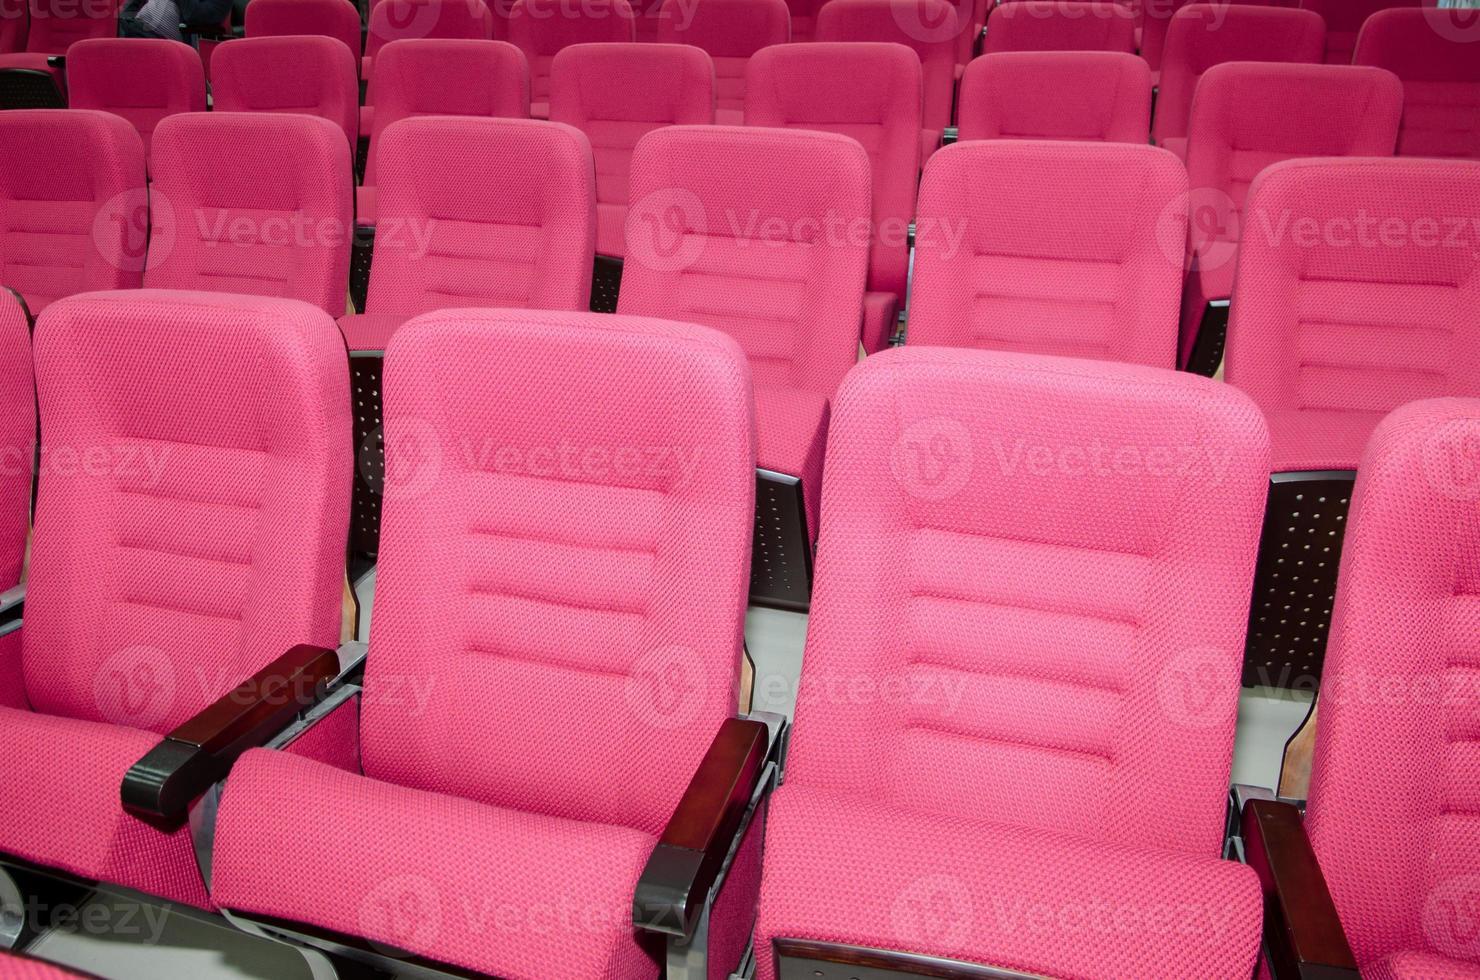 salle de réunion avec des sièges vides rouges photo